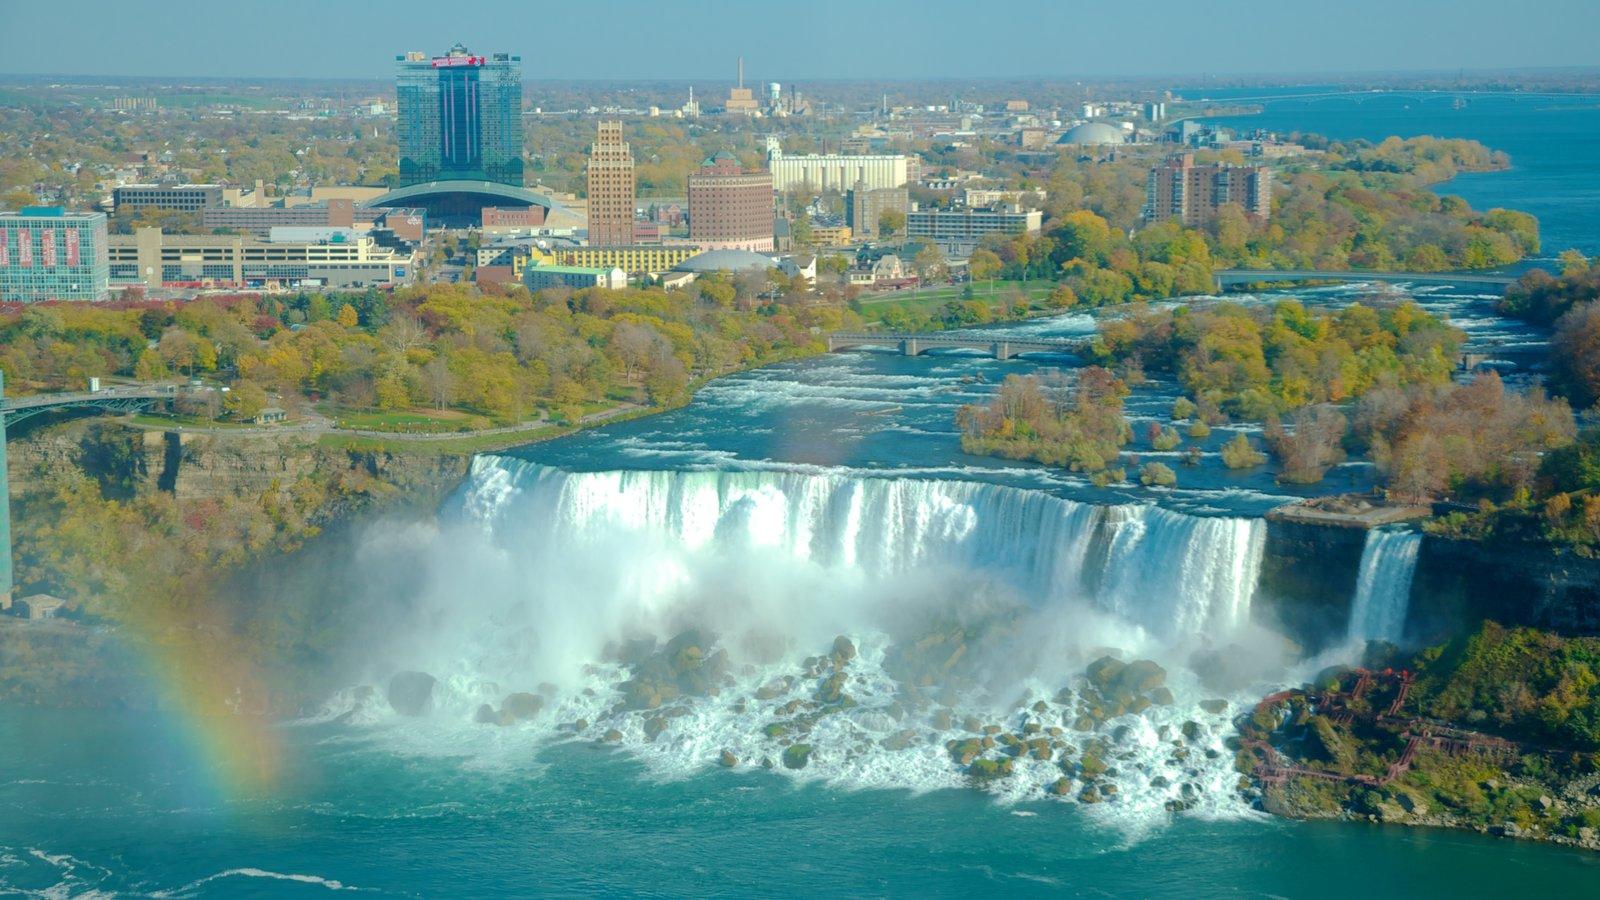 Bridal Veil Falls caracterizando uma cachoeira, uma cidade e paisagem